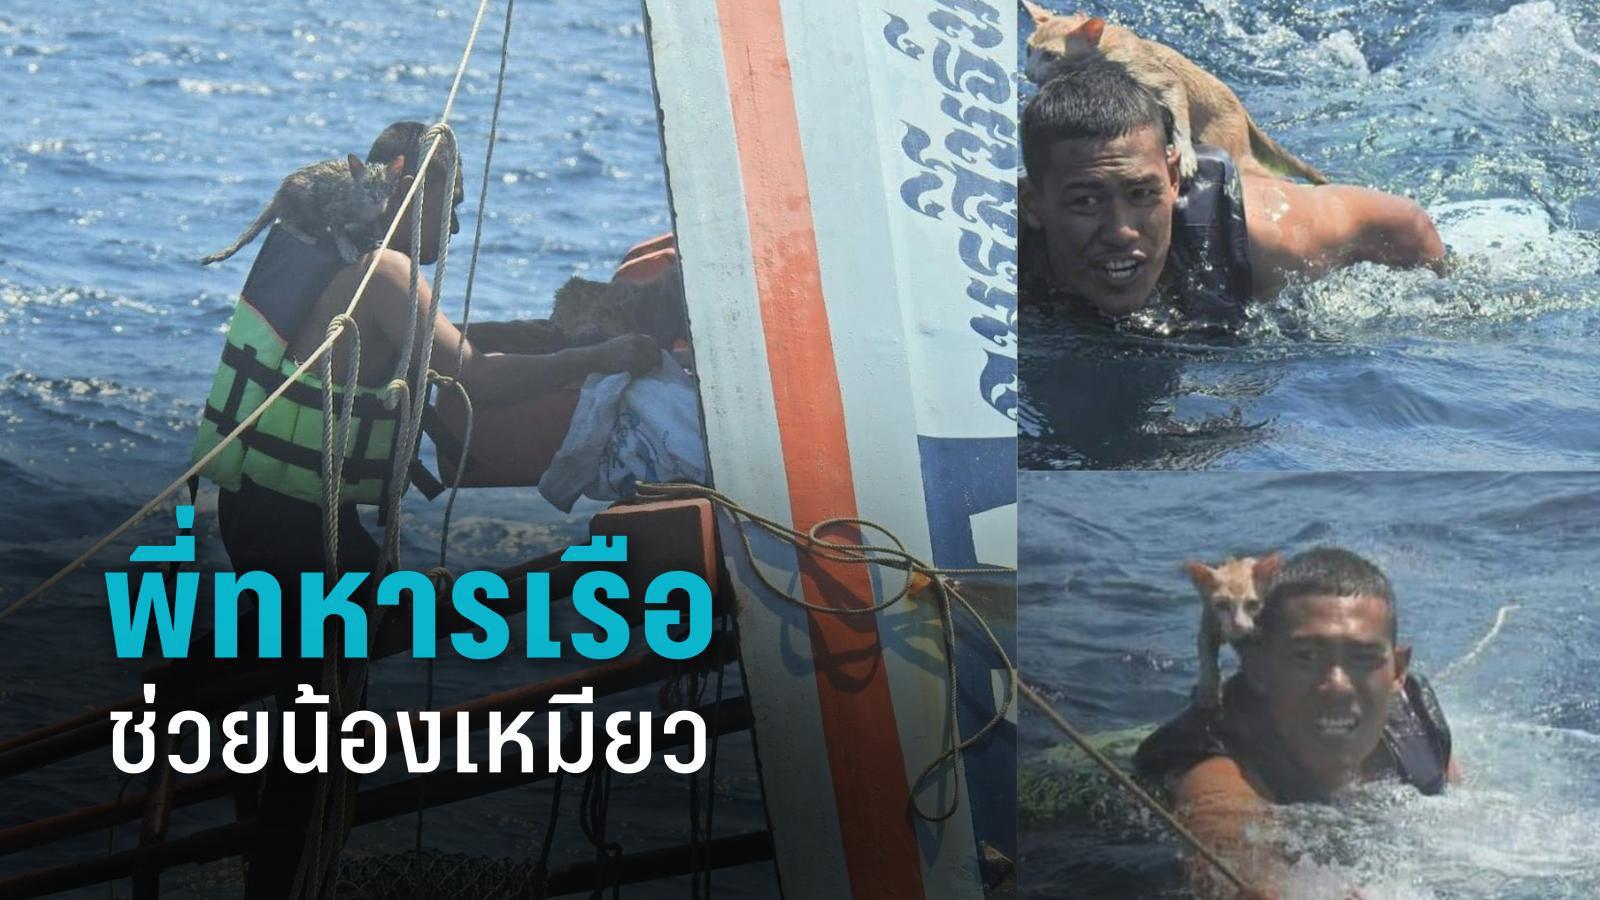 พี่ทหารเรือ ช่วยน้องเหมียว จากเรือที่กำลังจมทะเล